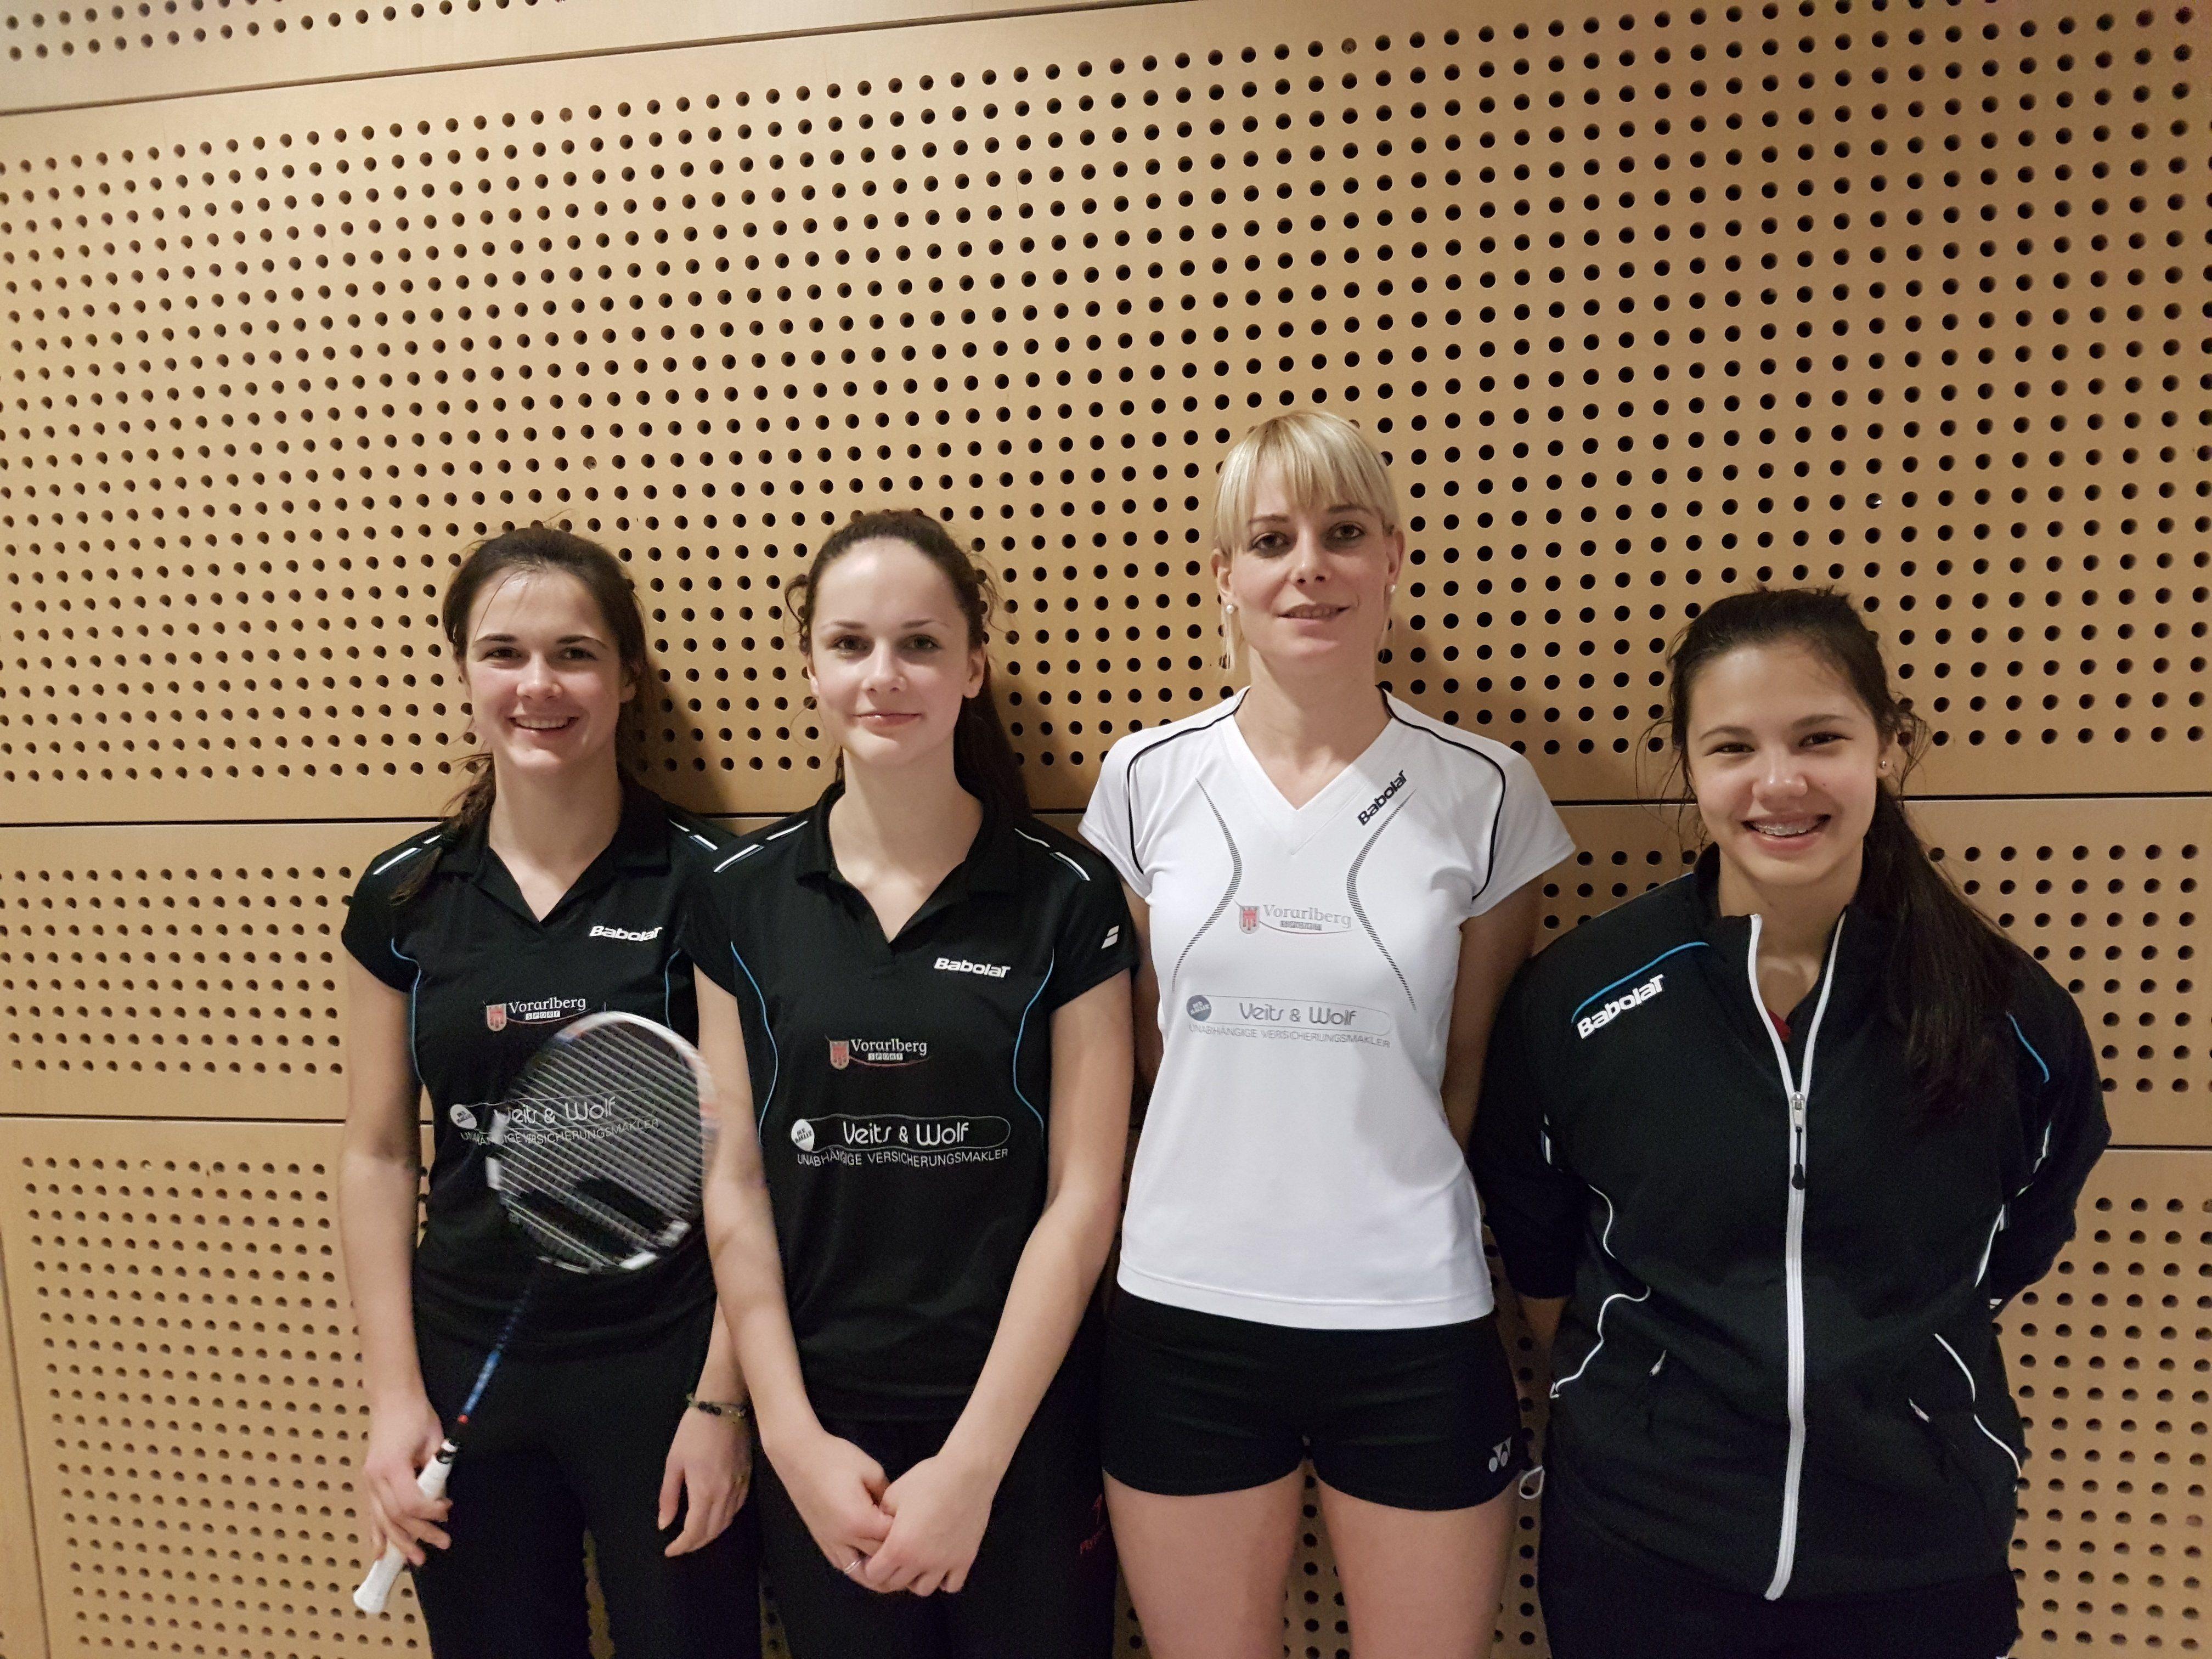 Die Feldkircherinnen Sabrina Herbert, Natalie Herbst, Leonie Tanriöver und Serena Au Yeong